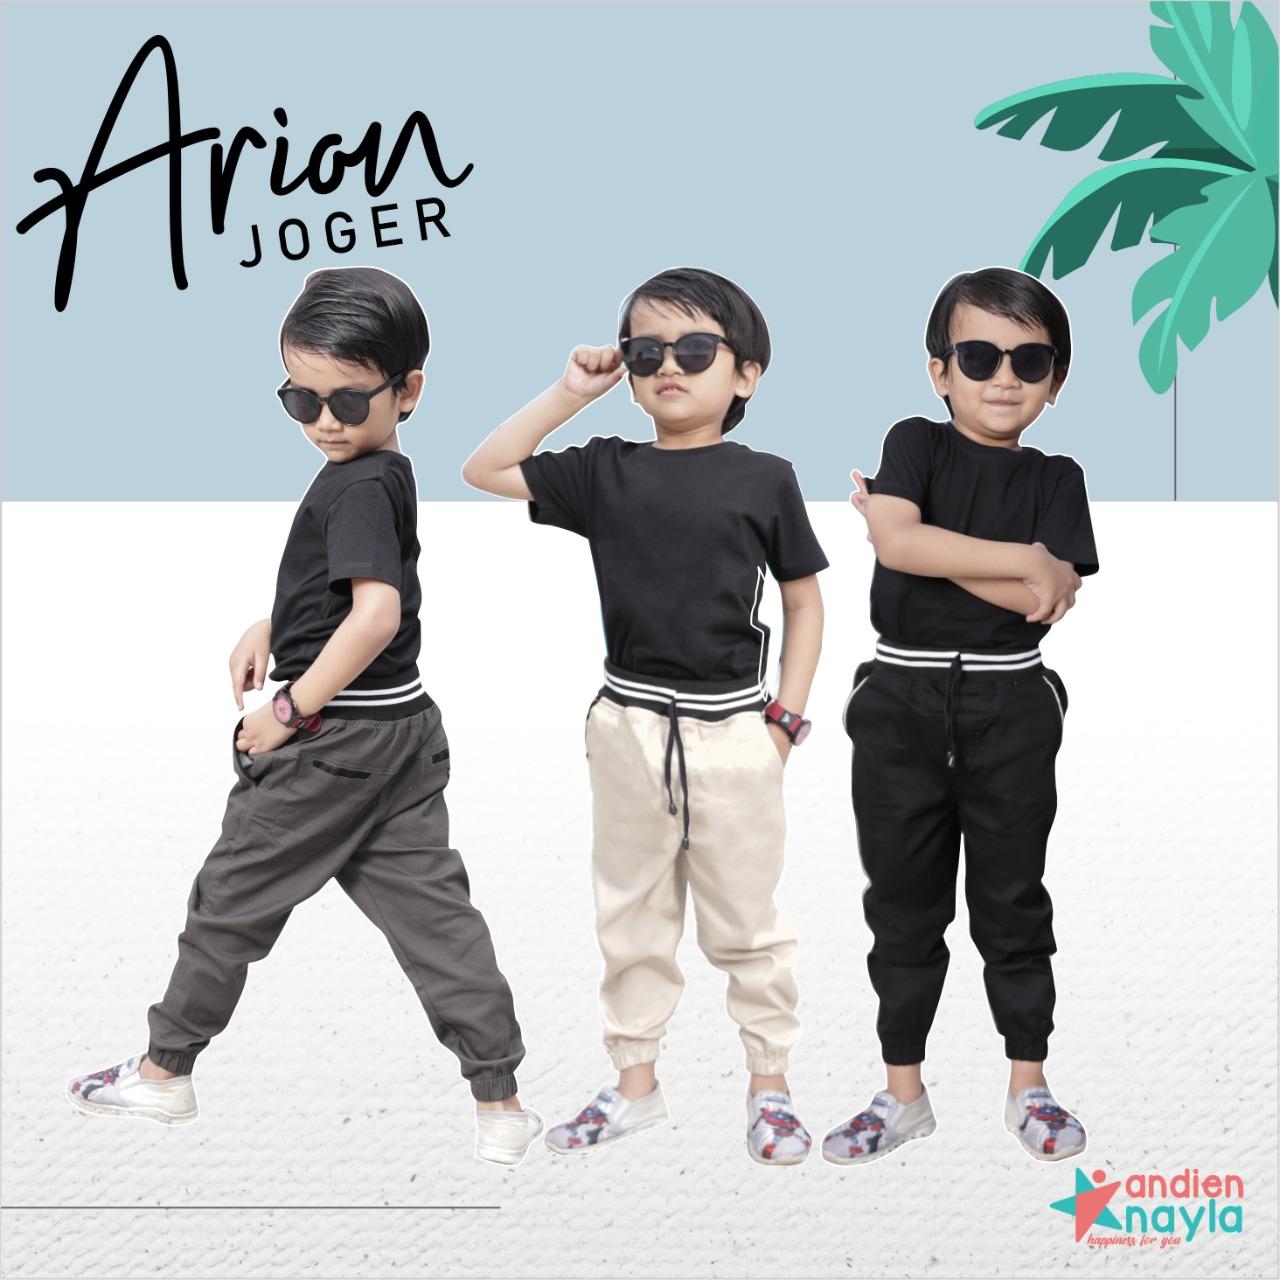 Joger Arion